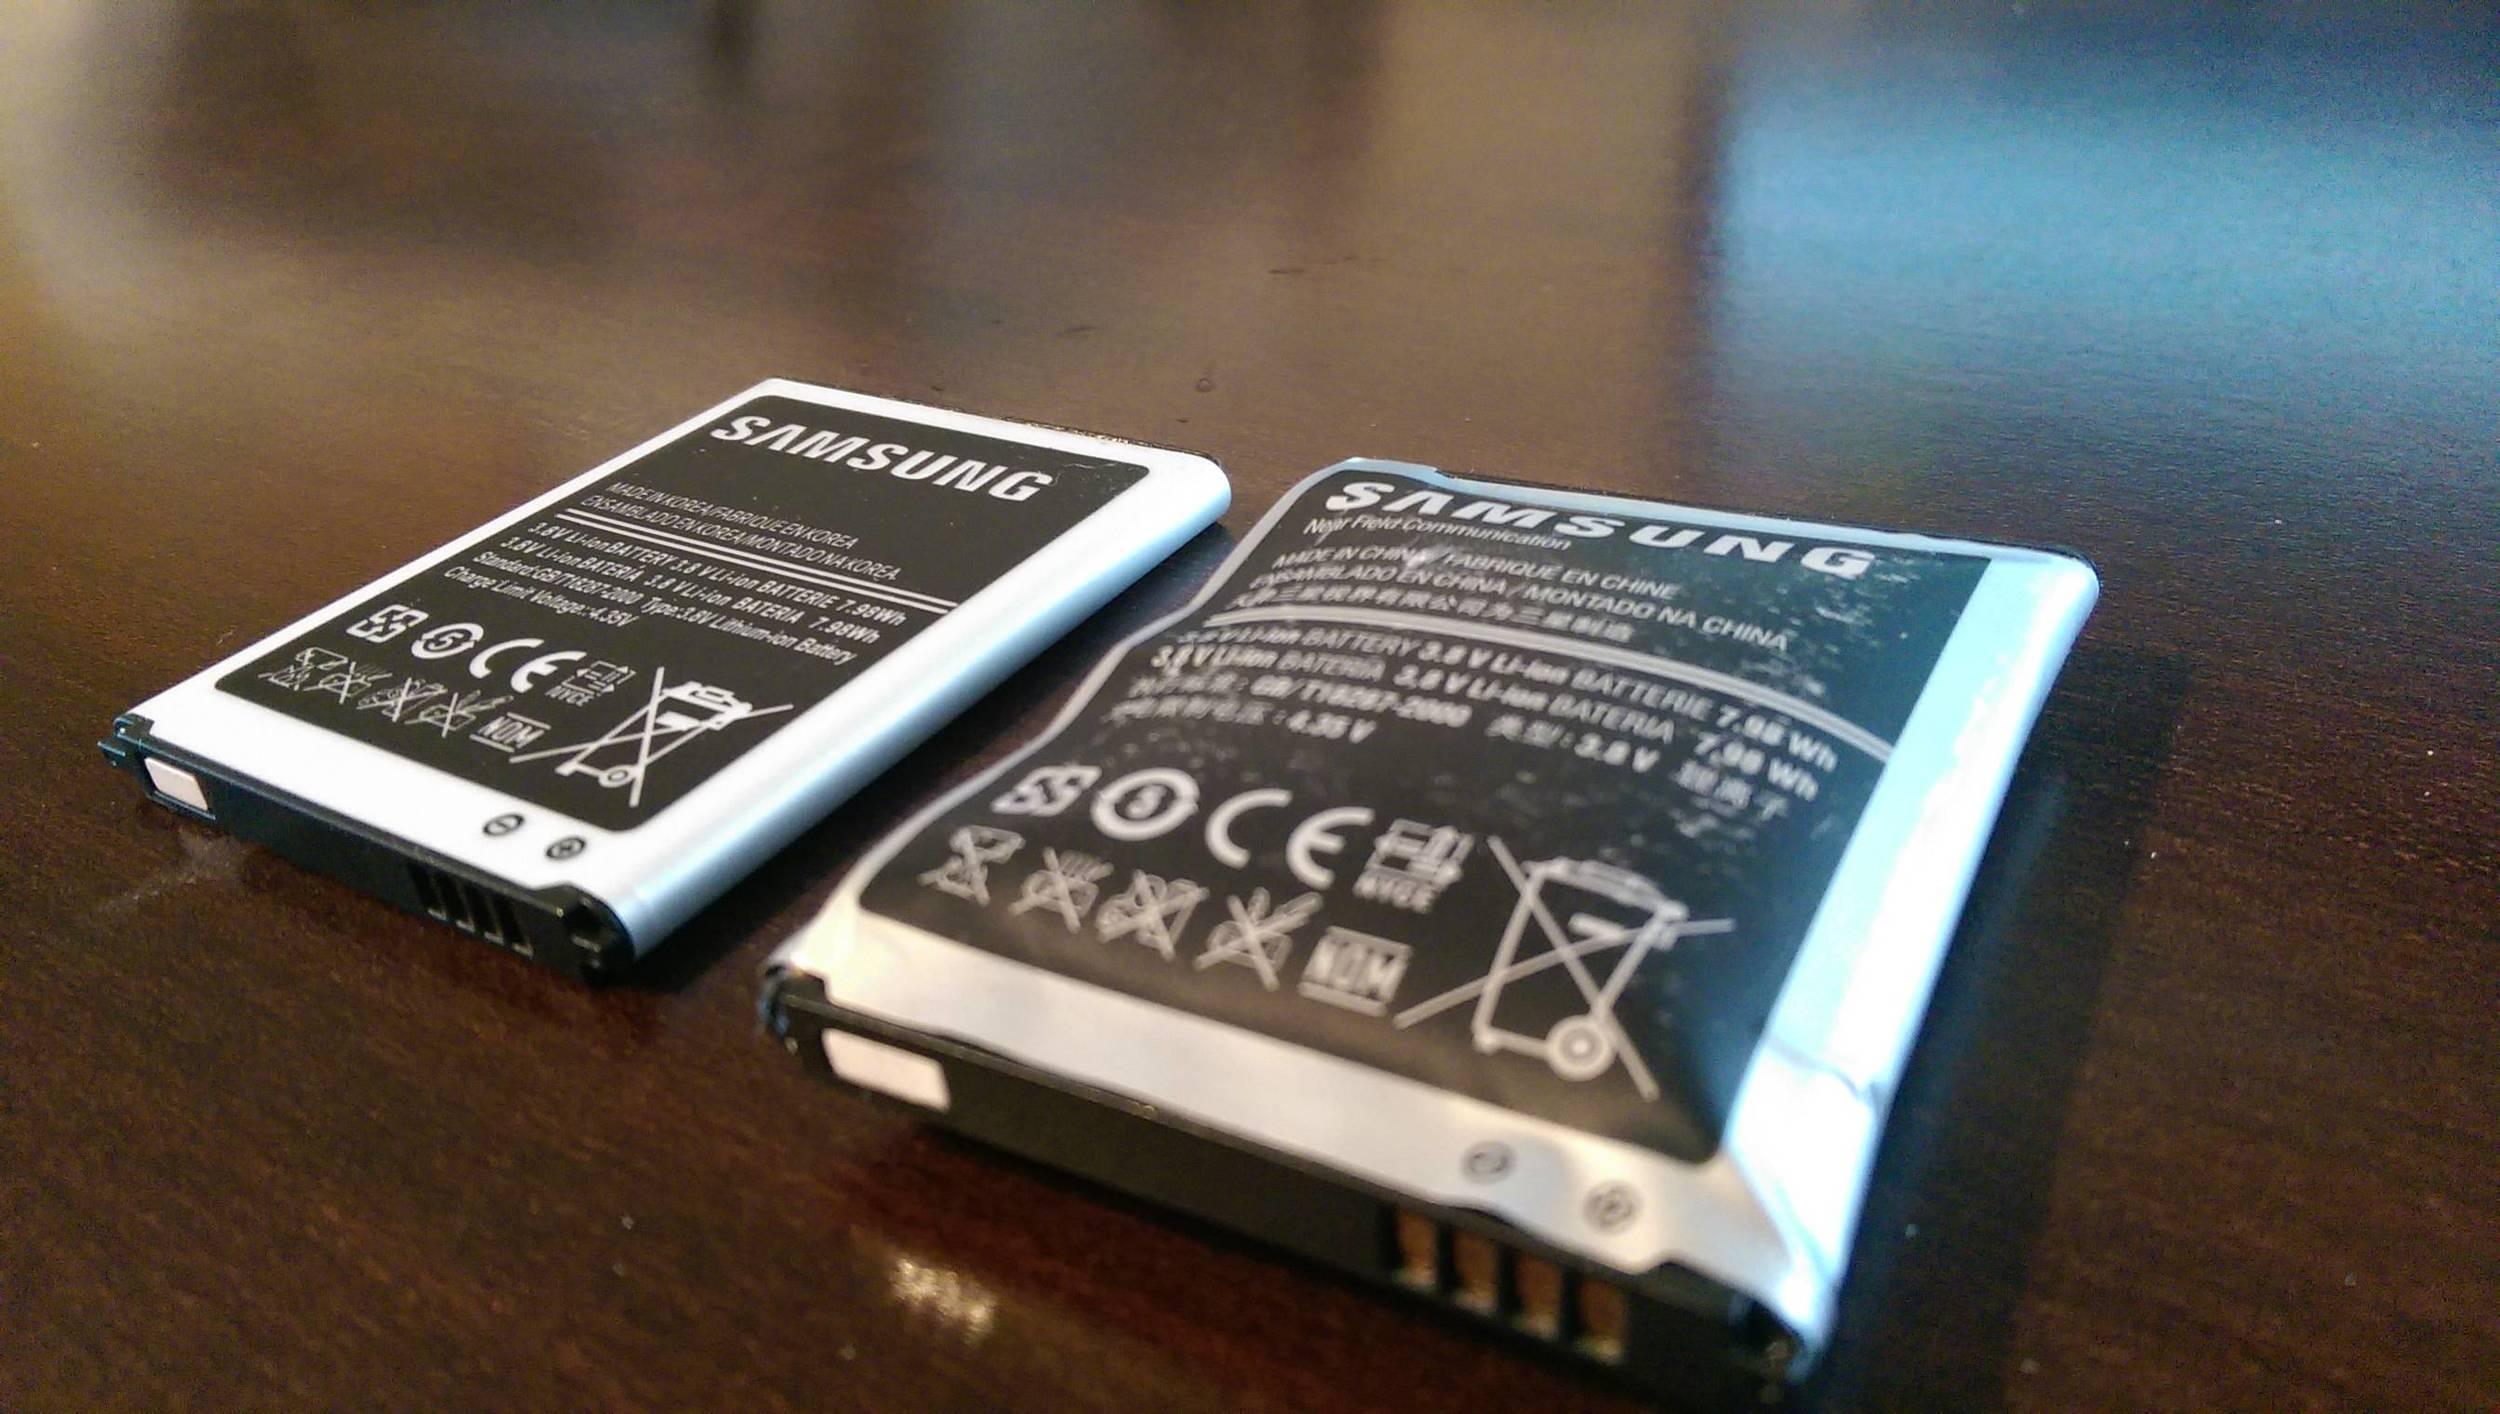 Removable batteries, good vs swollen